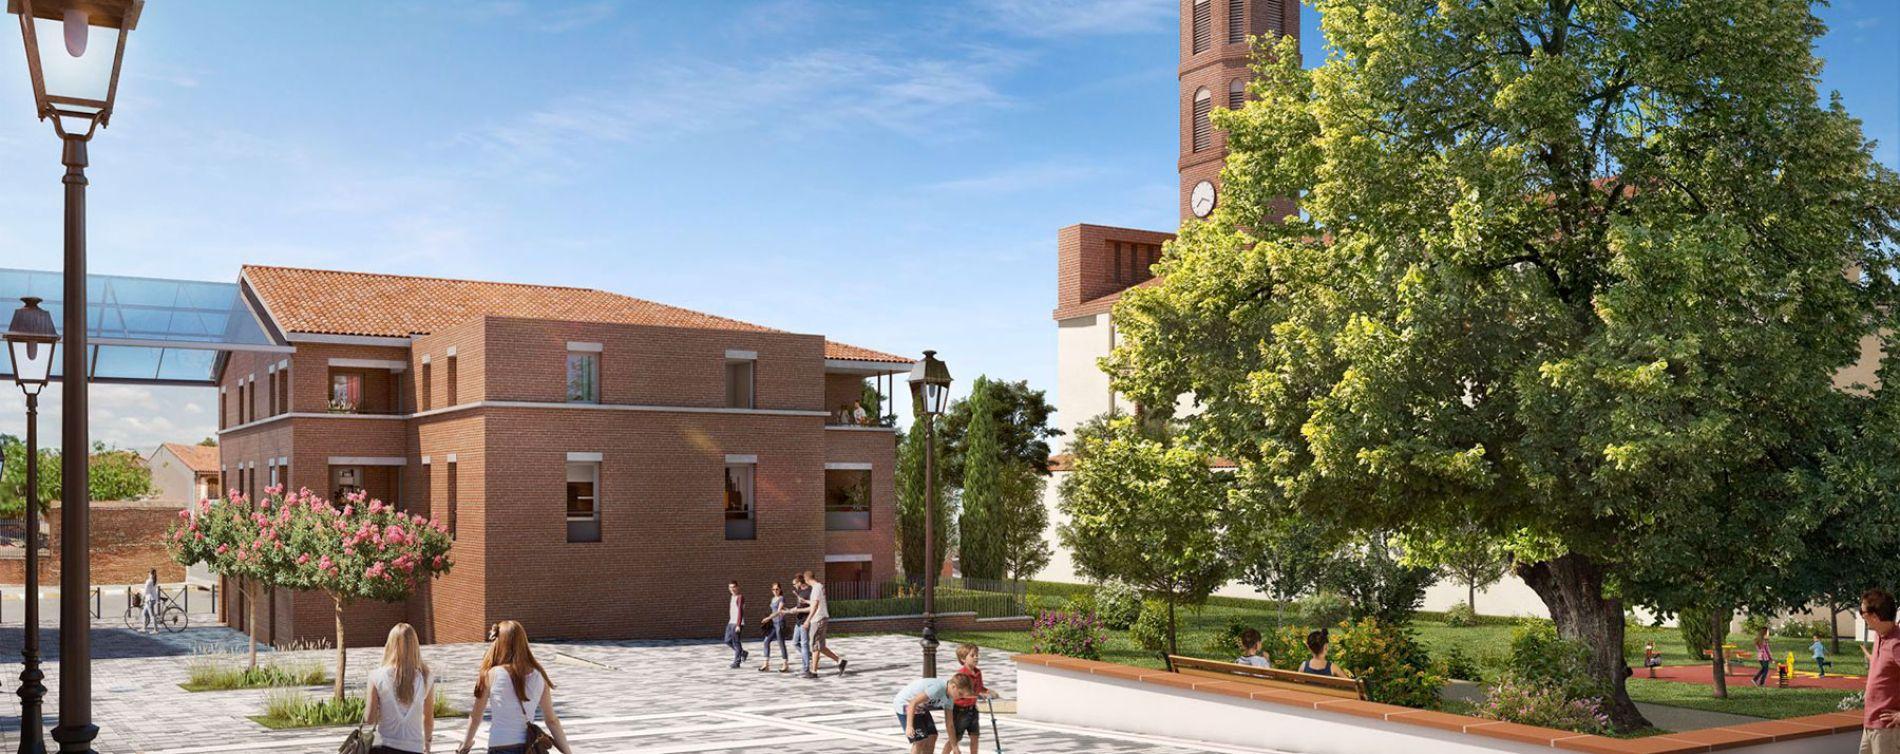 Résidence Coeur de Ville Castanet à Castanet-Tolosan